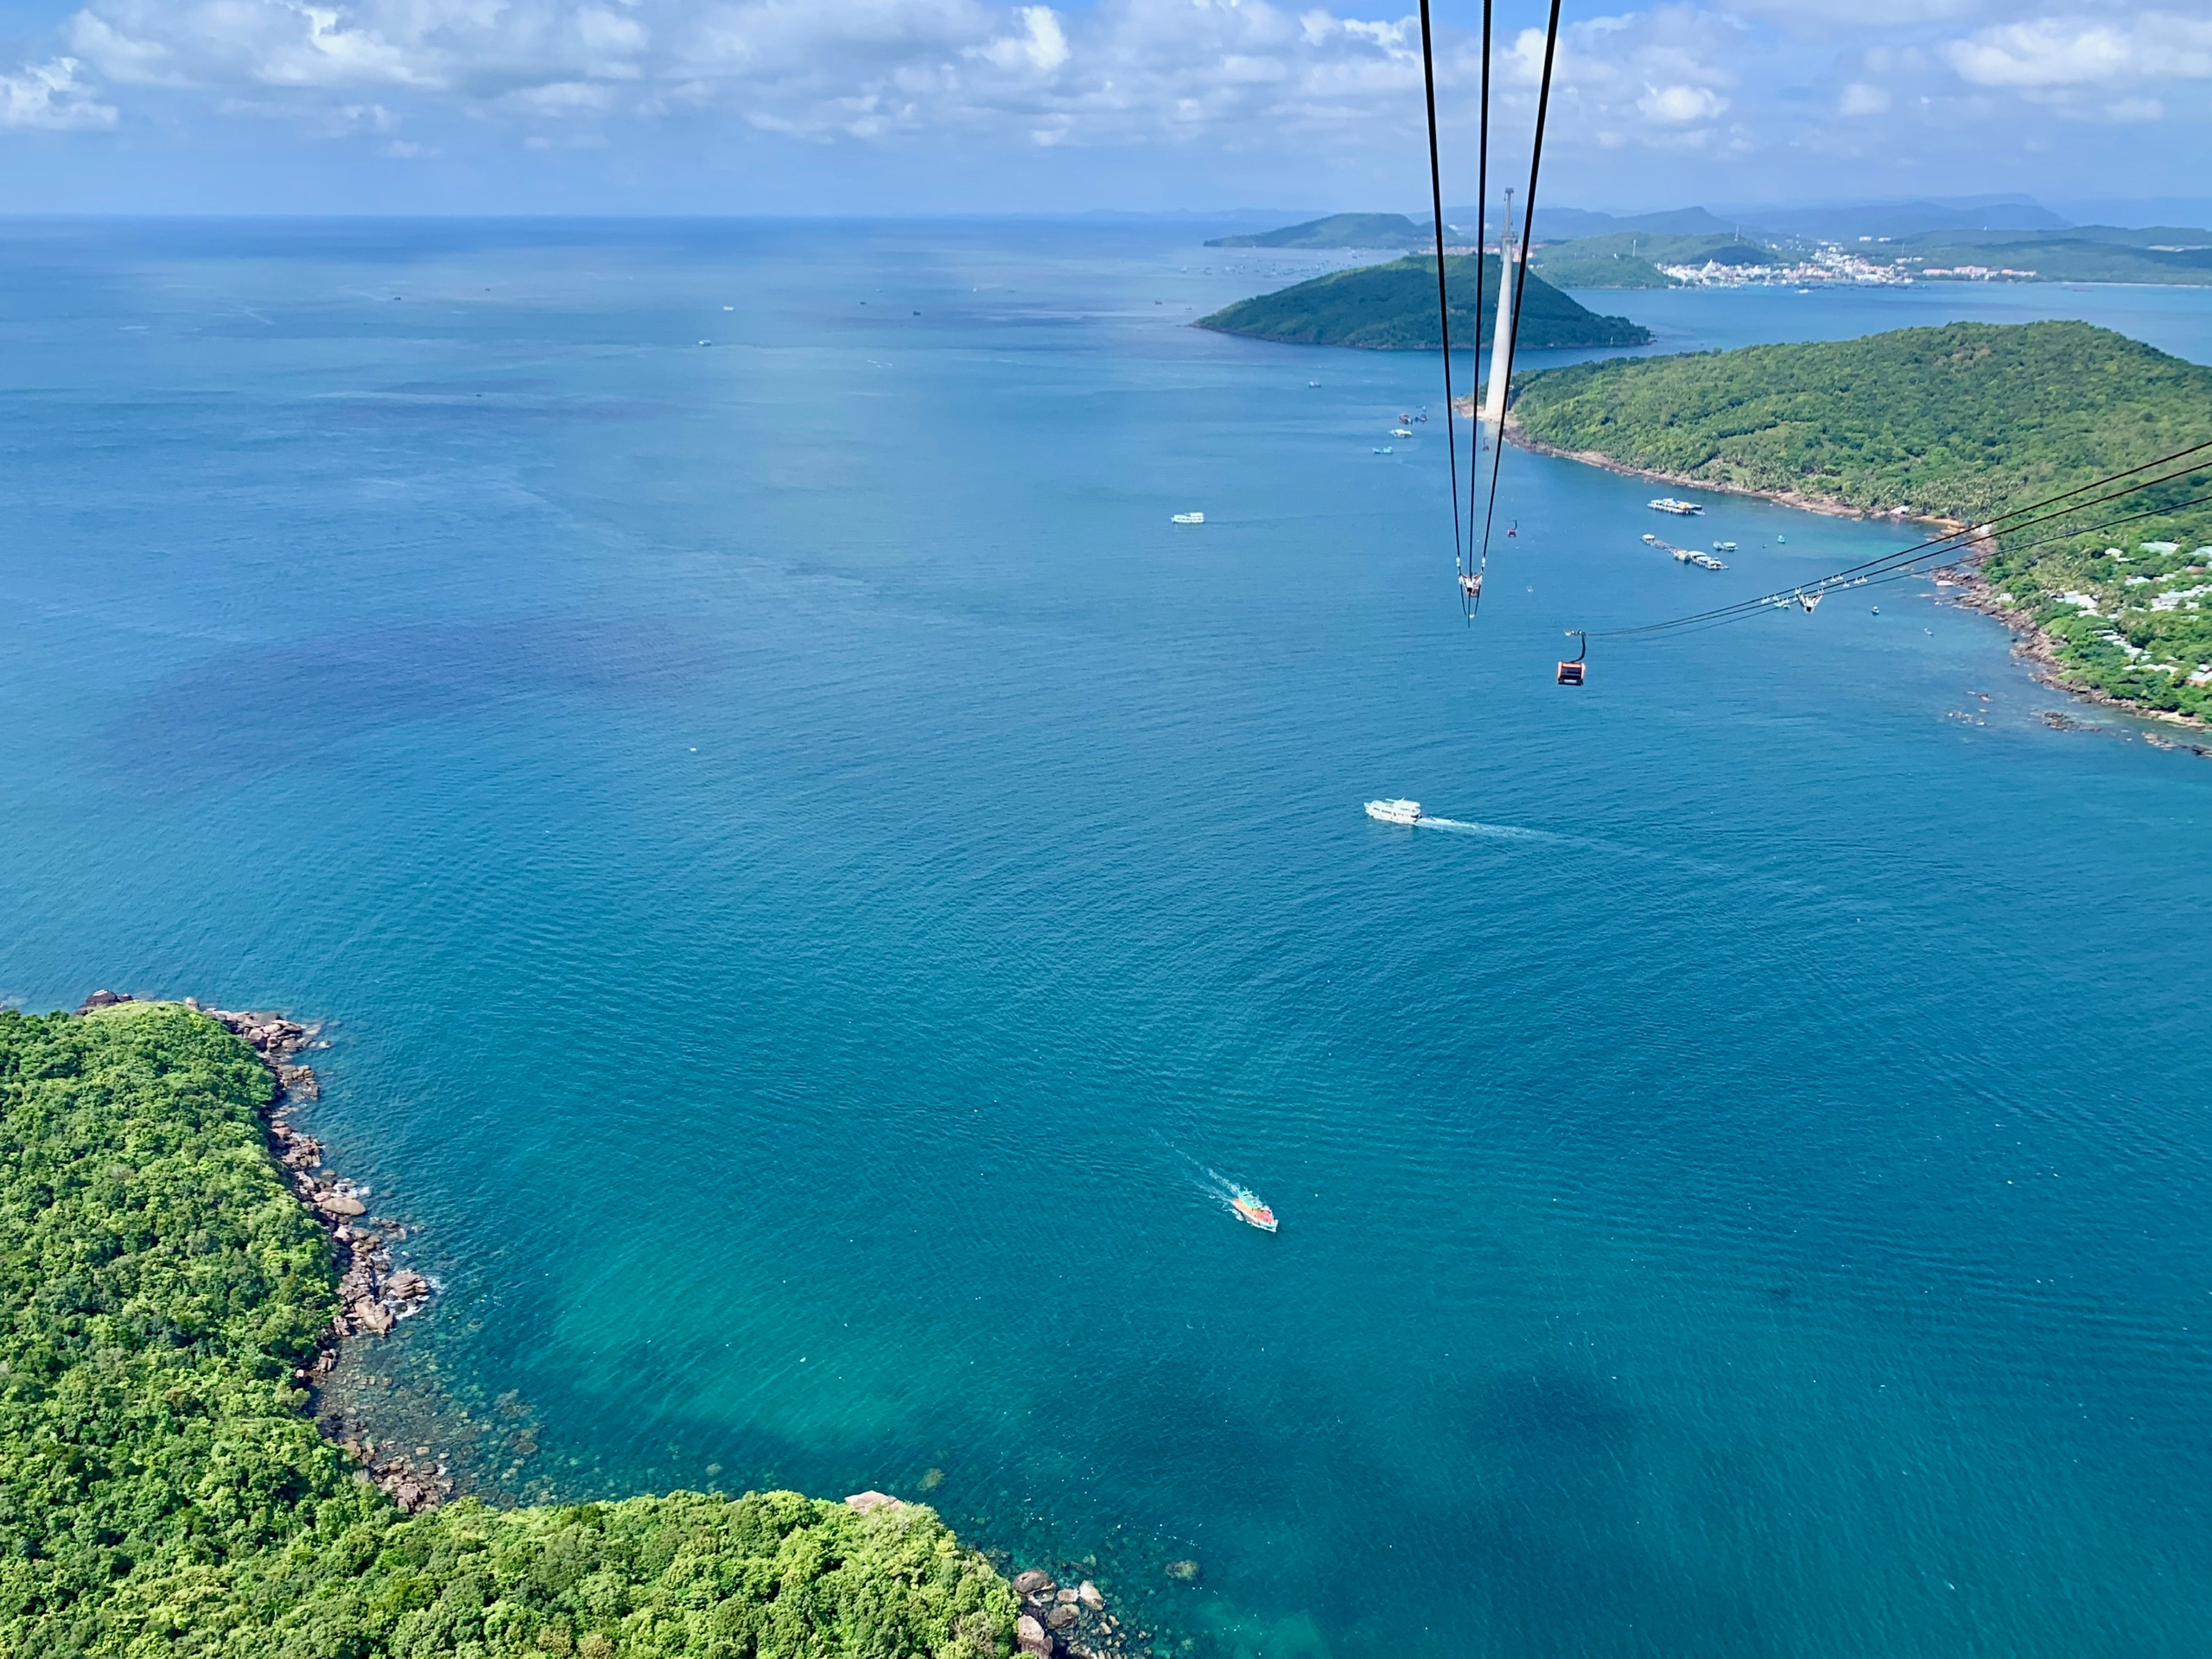 Ấn tượng chương trình kích cầu du lịch đảo ngọc Phú Quốc